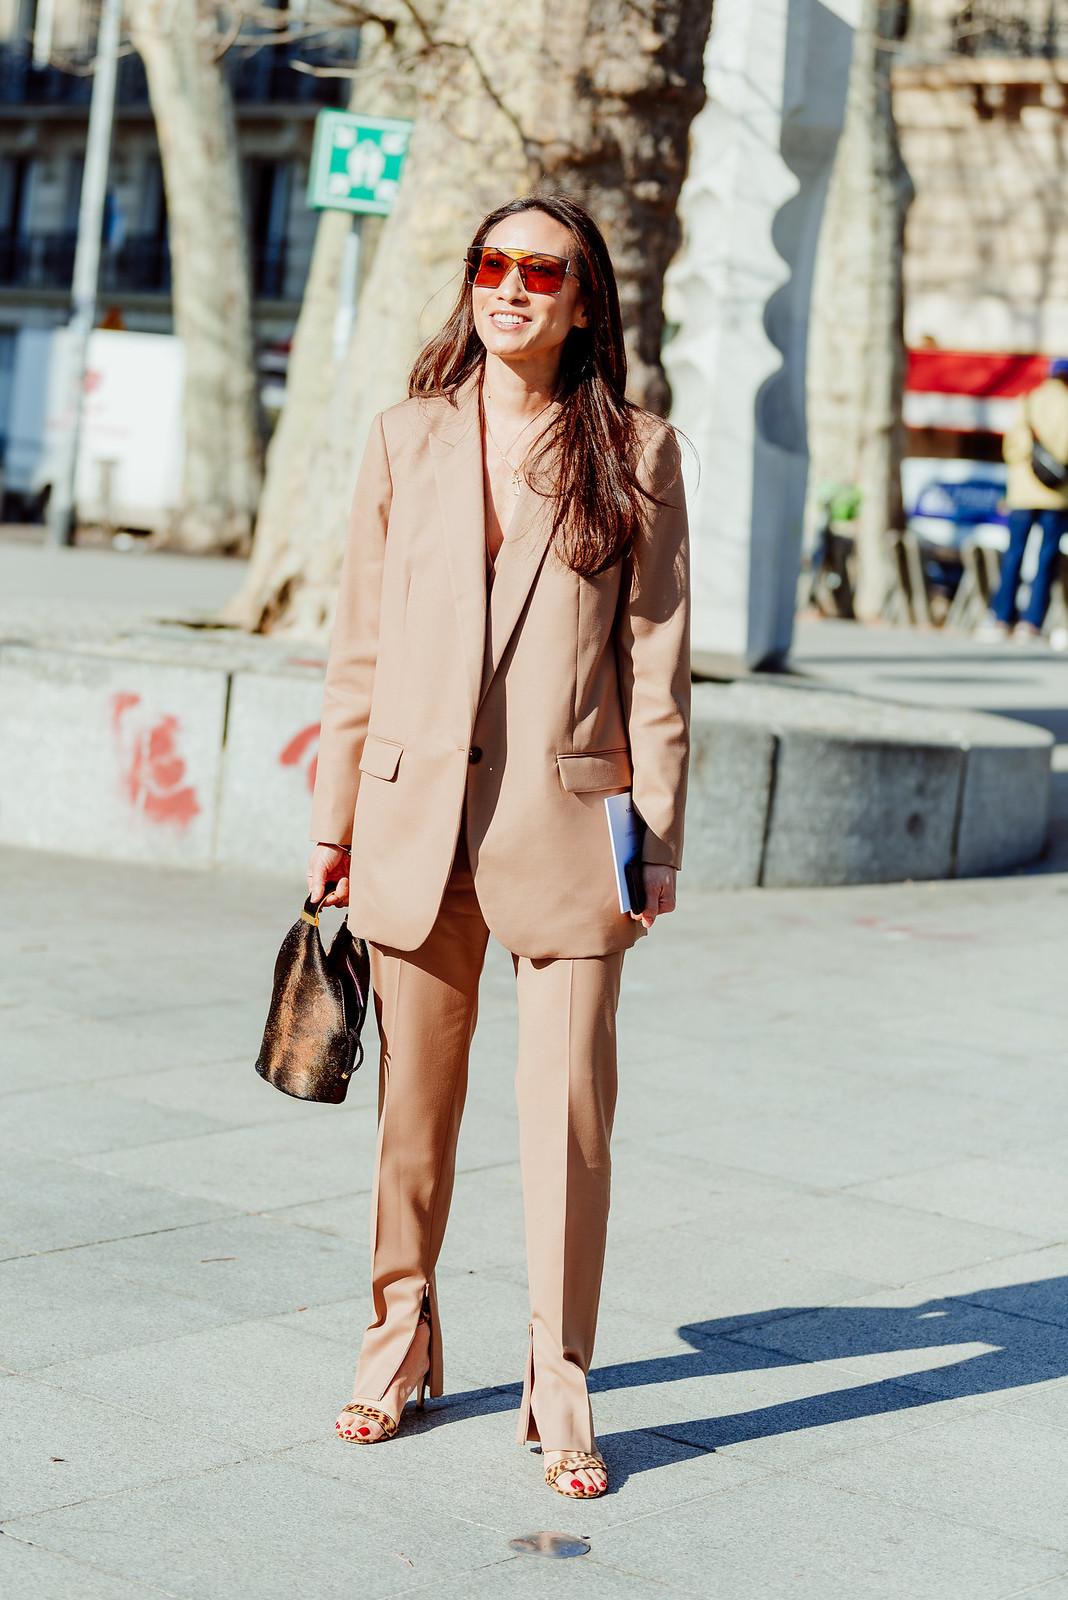 Woman in a beige suit.